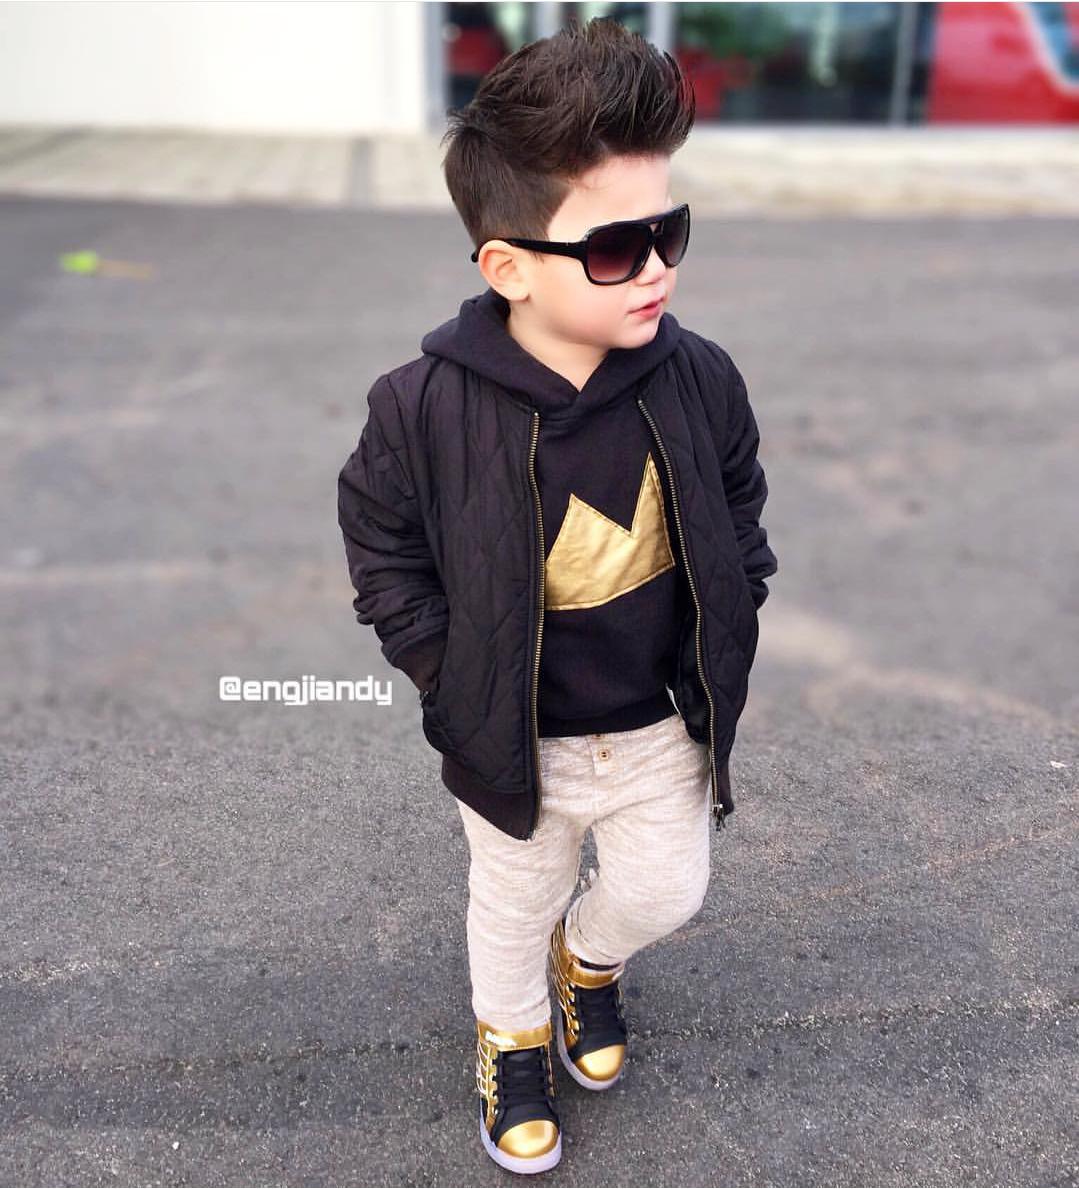 Insta Engjiandy Cut Baby Baby Boy Fashion Toddler Boy